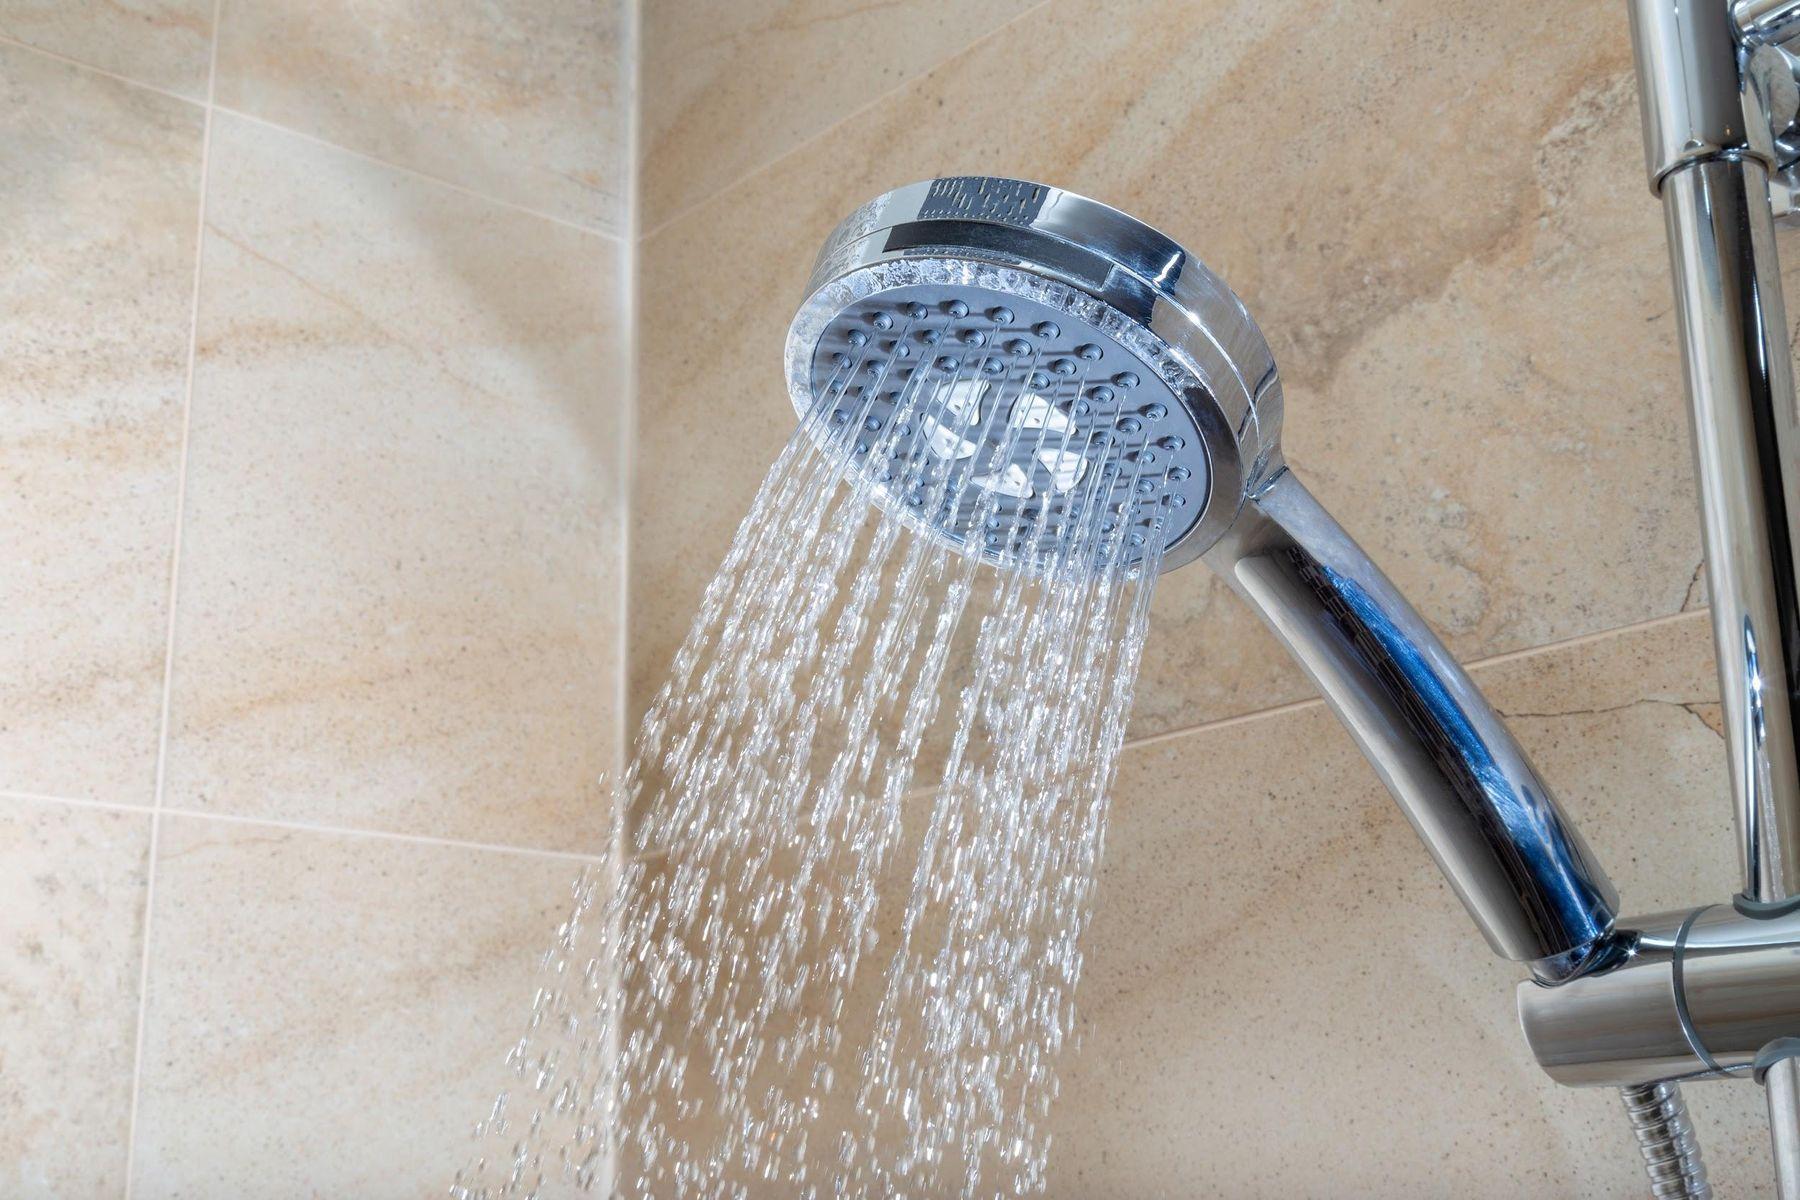 Cómo limpiar la ducha fácilmente